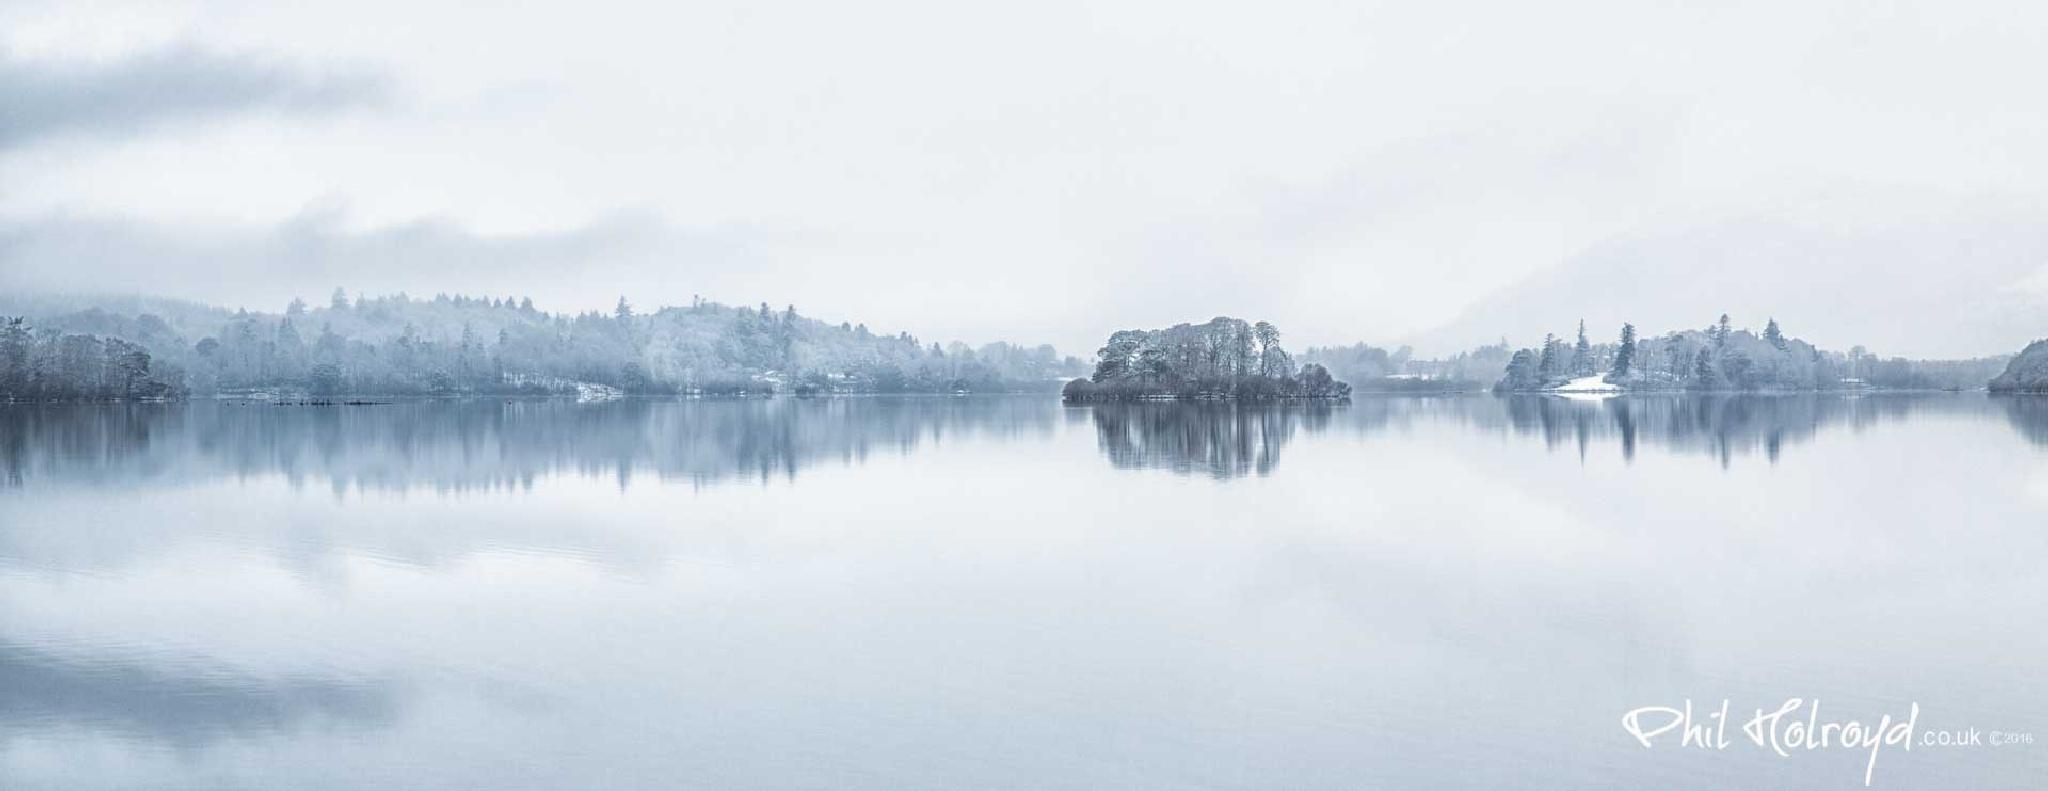 Cold Derwent by Phil